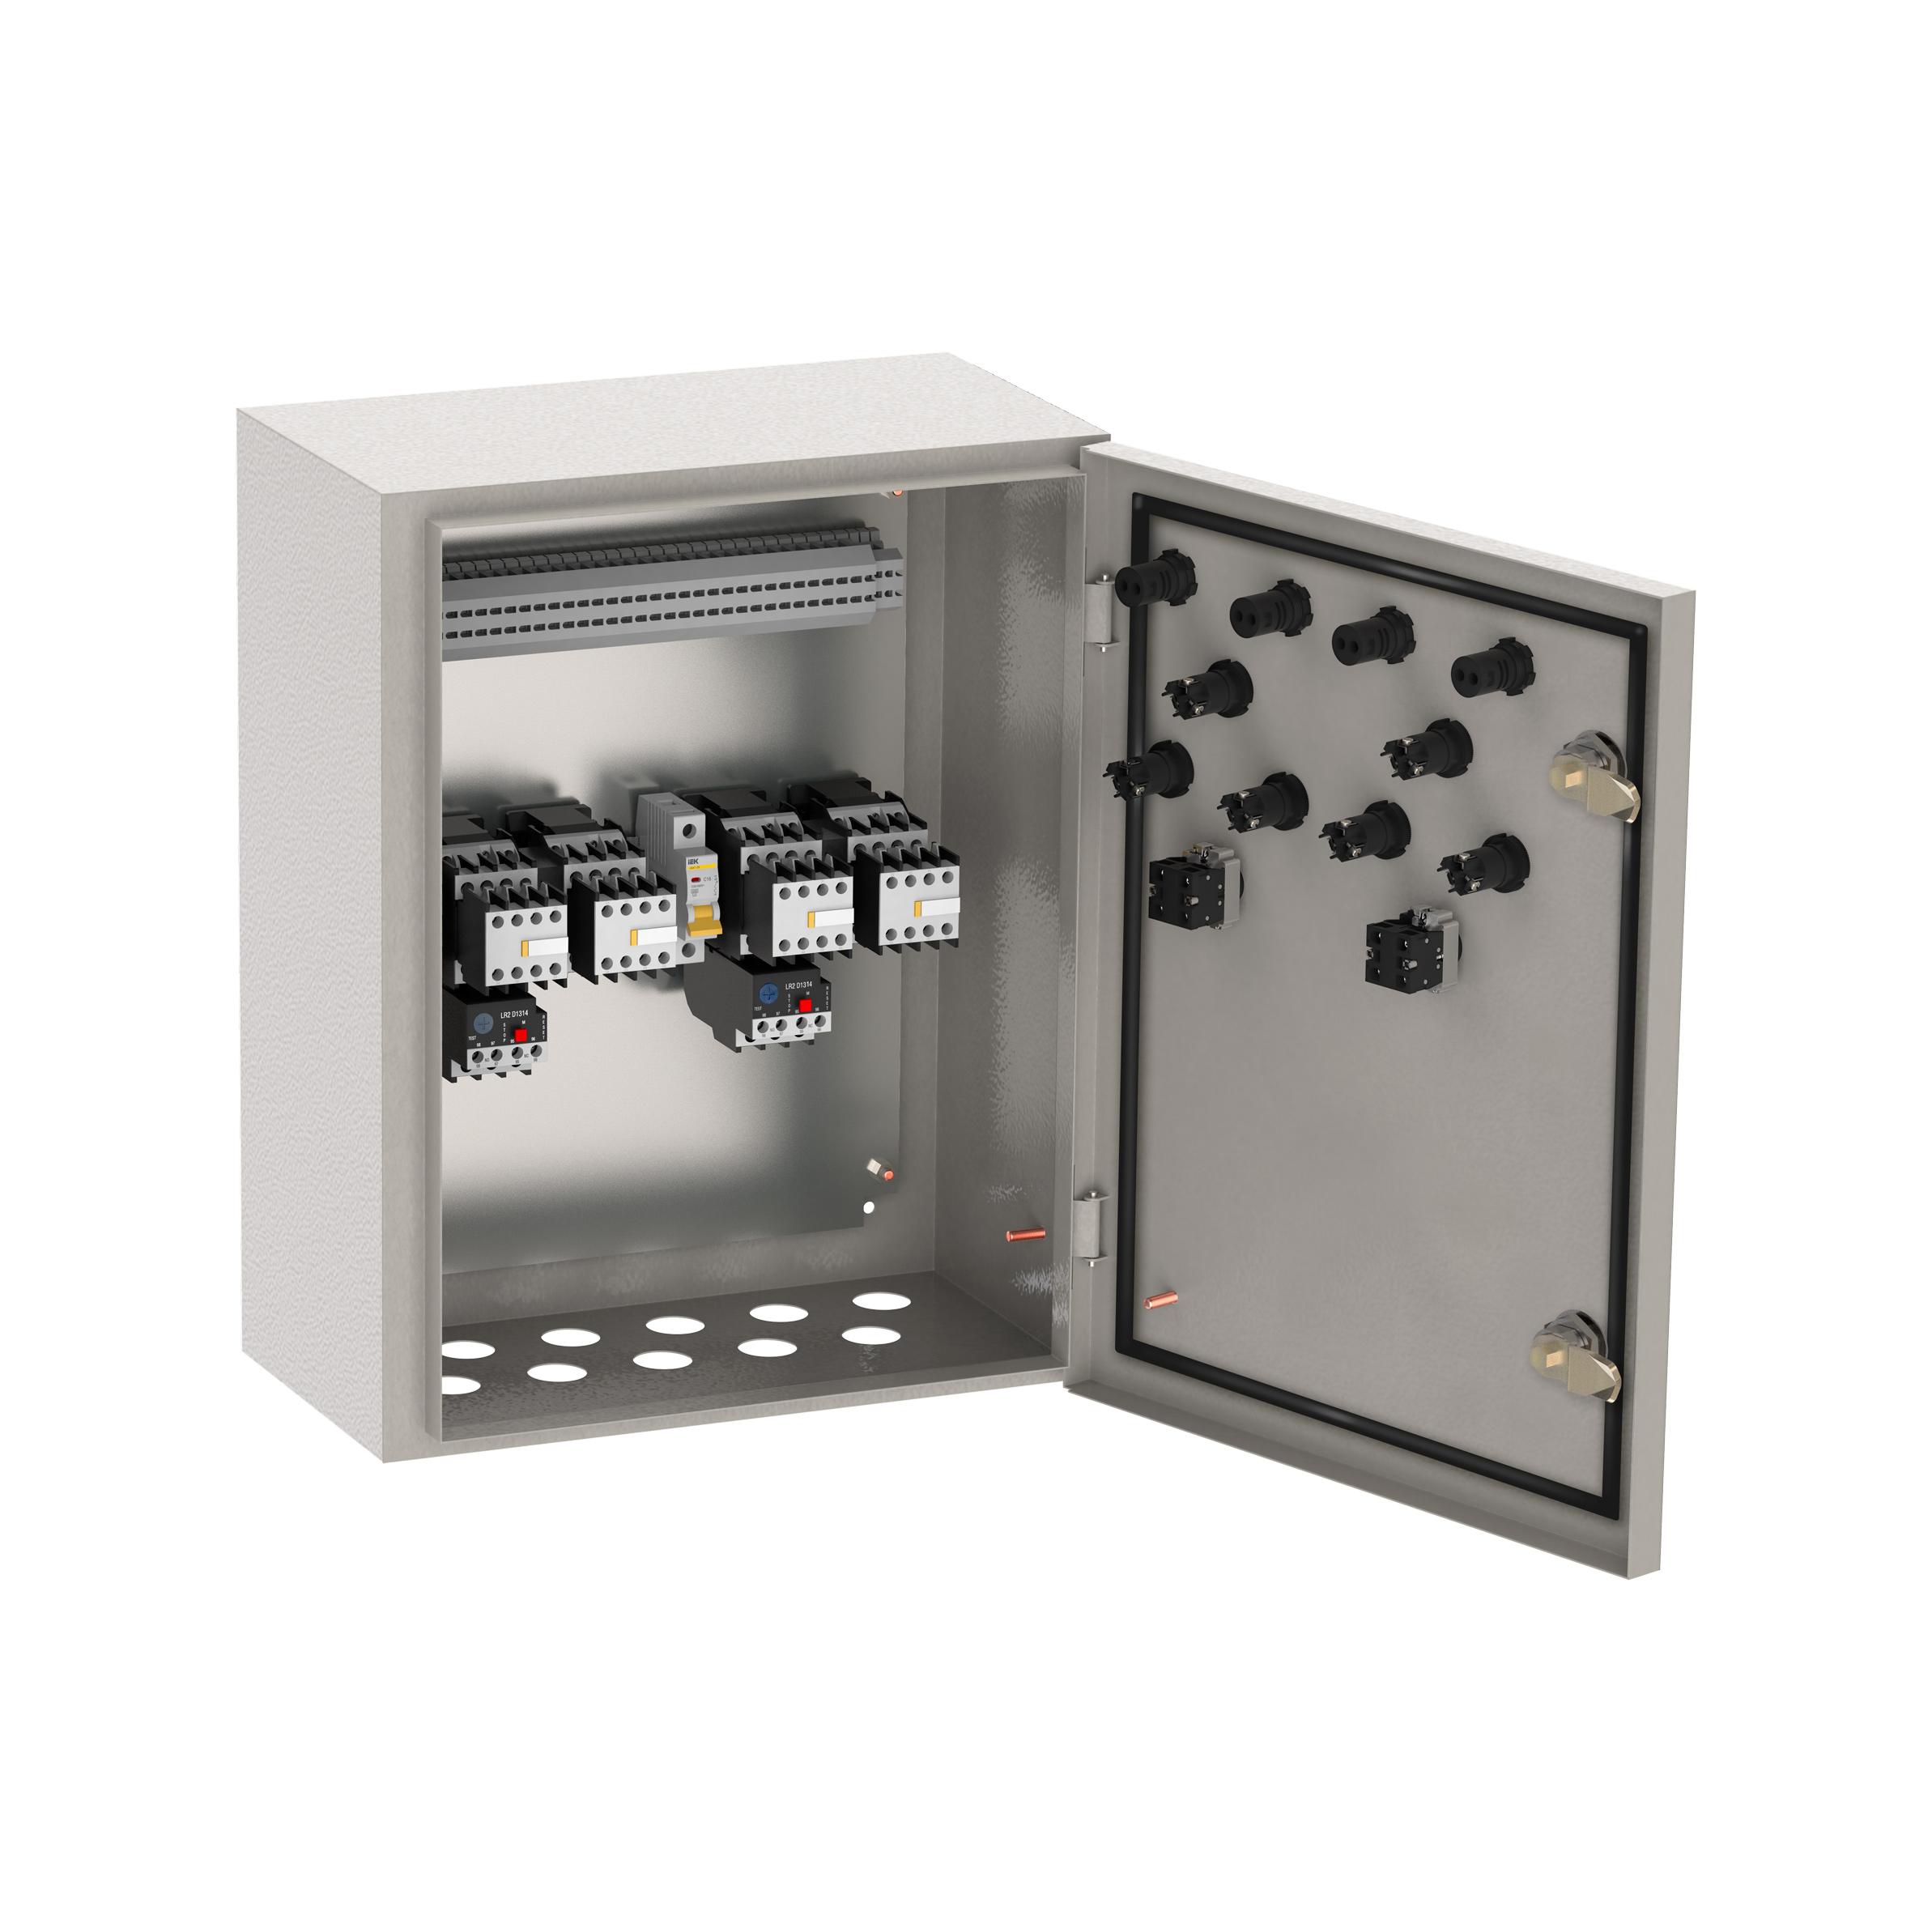 Ящик управления РУСМ5434-2974 реверсивный 2 фидера без автоматического выключателя без переключателя на автоматический режим 8А IP54 IEK